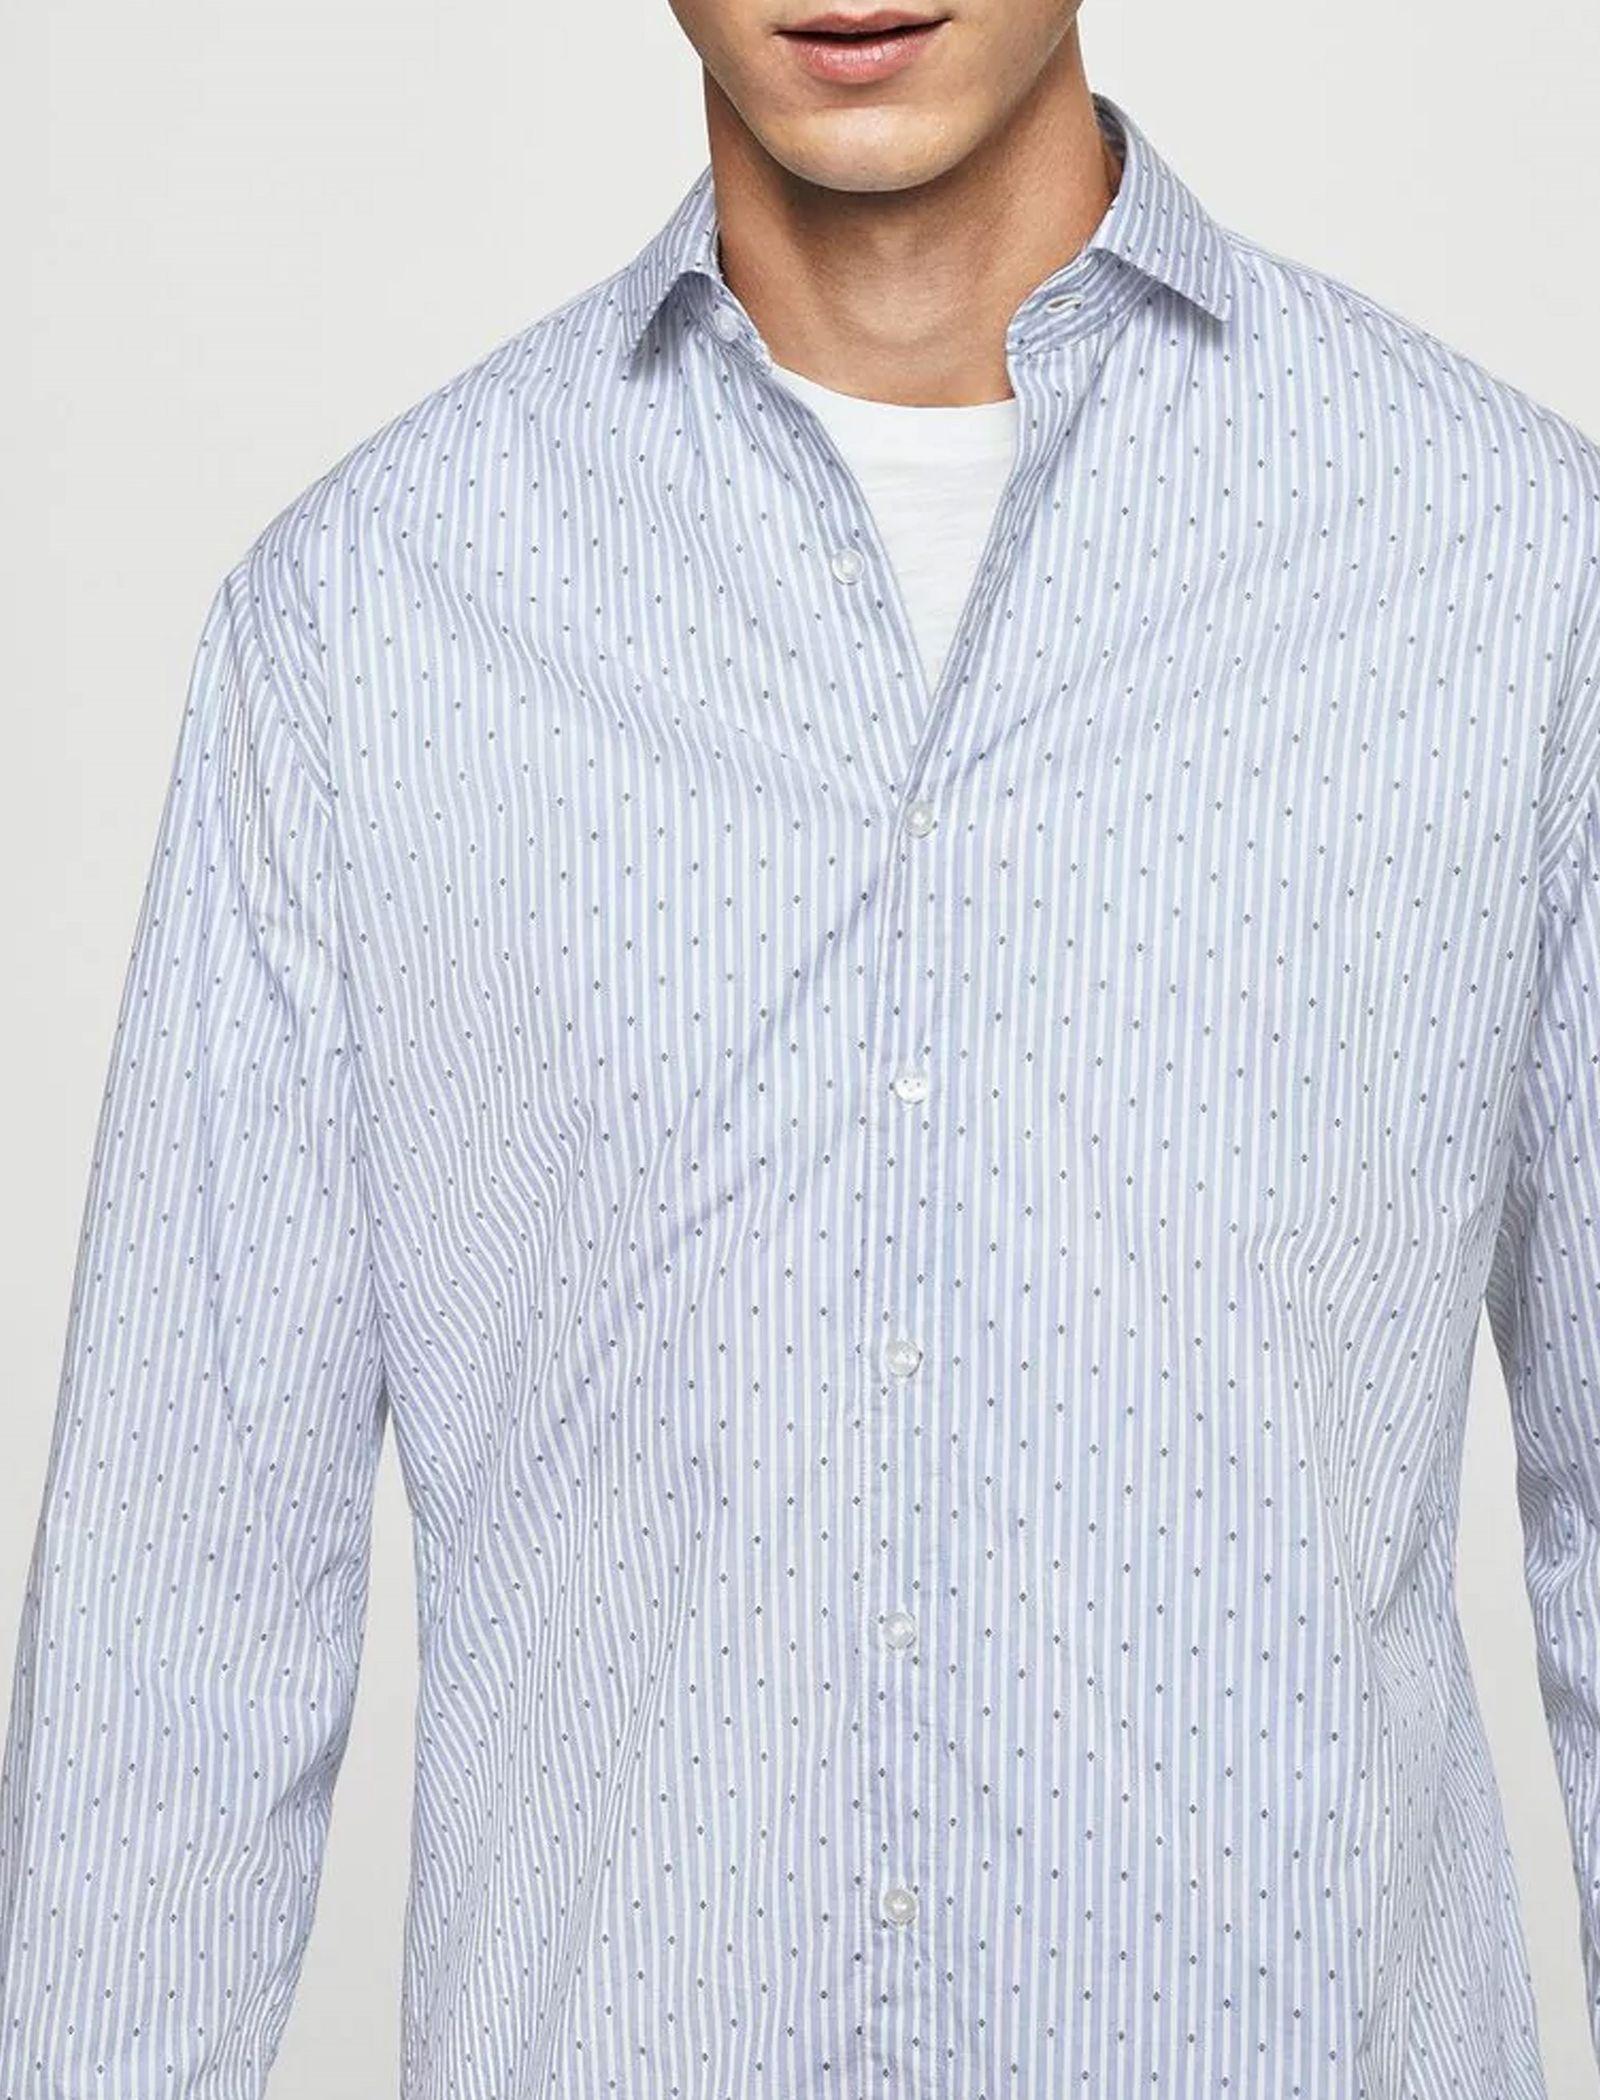 پیراهن نخی آستین بلند مردانه - مانگو - آبي آسماني - 2